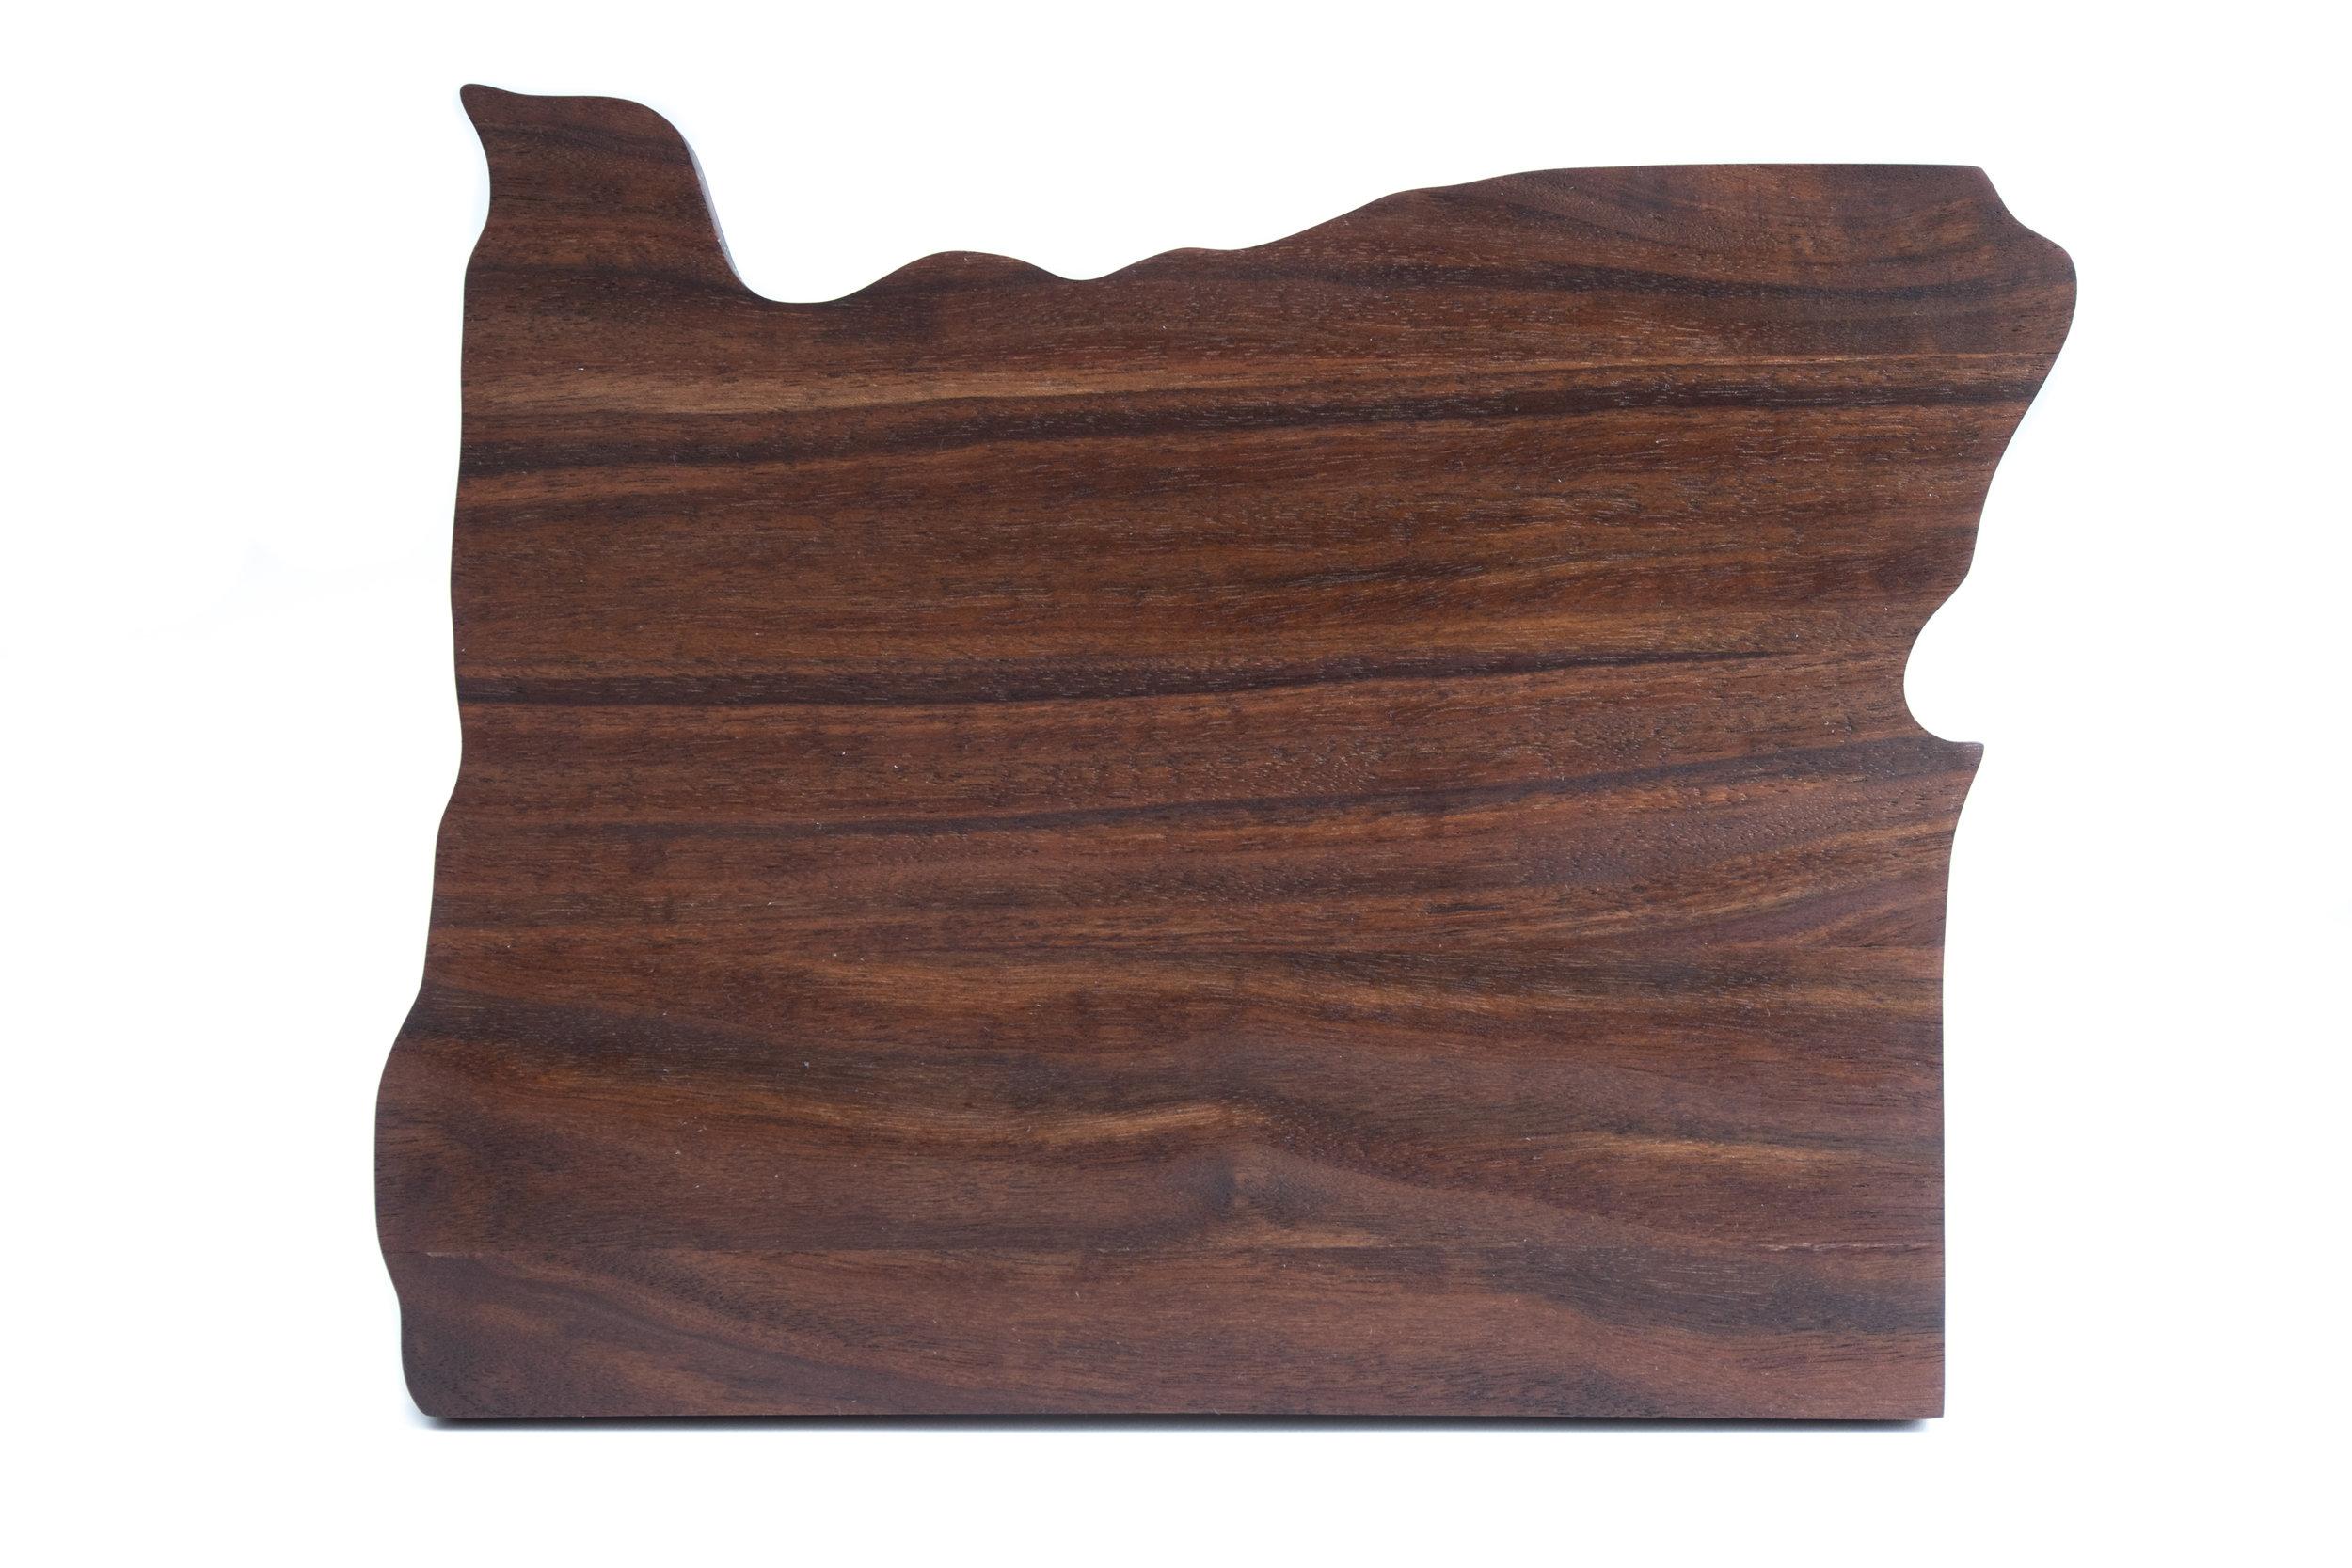 Oregon shaped Claro walnut cutting board